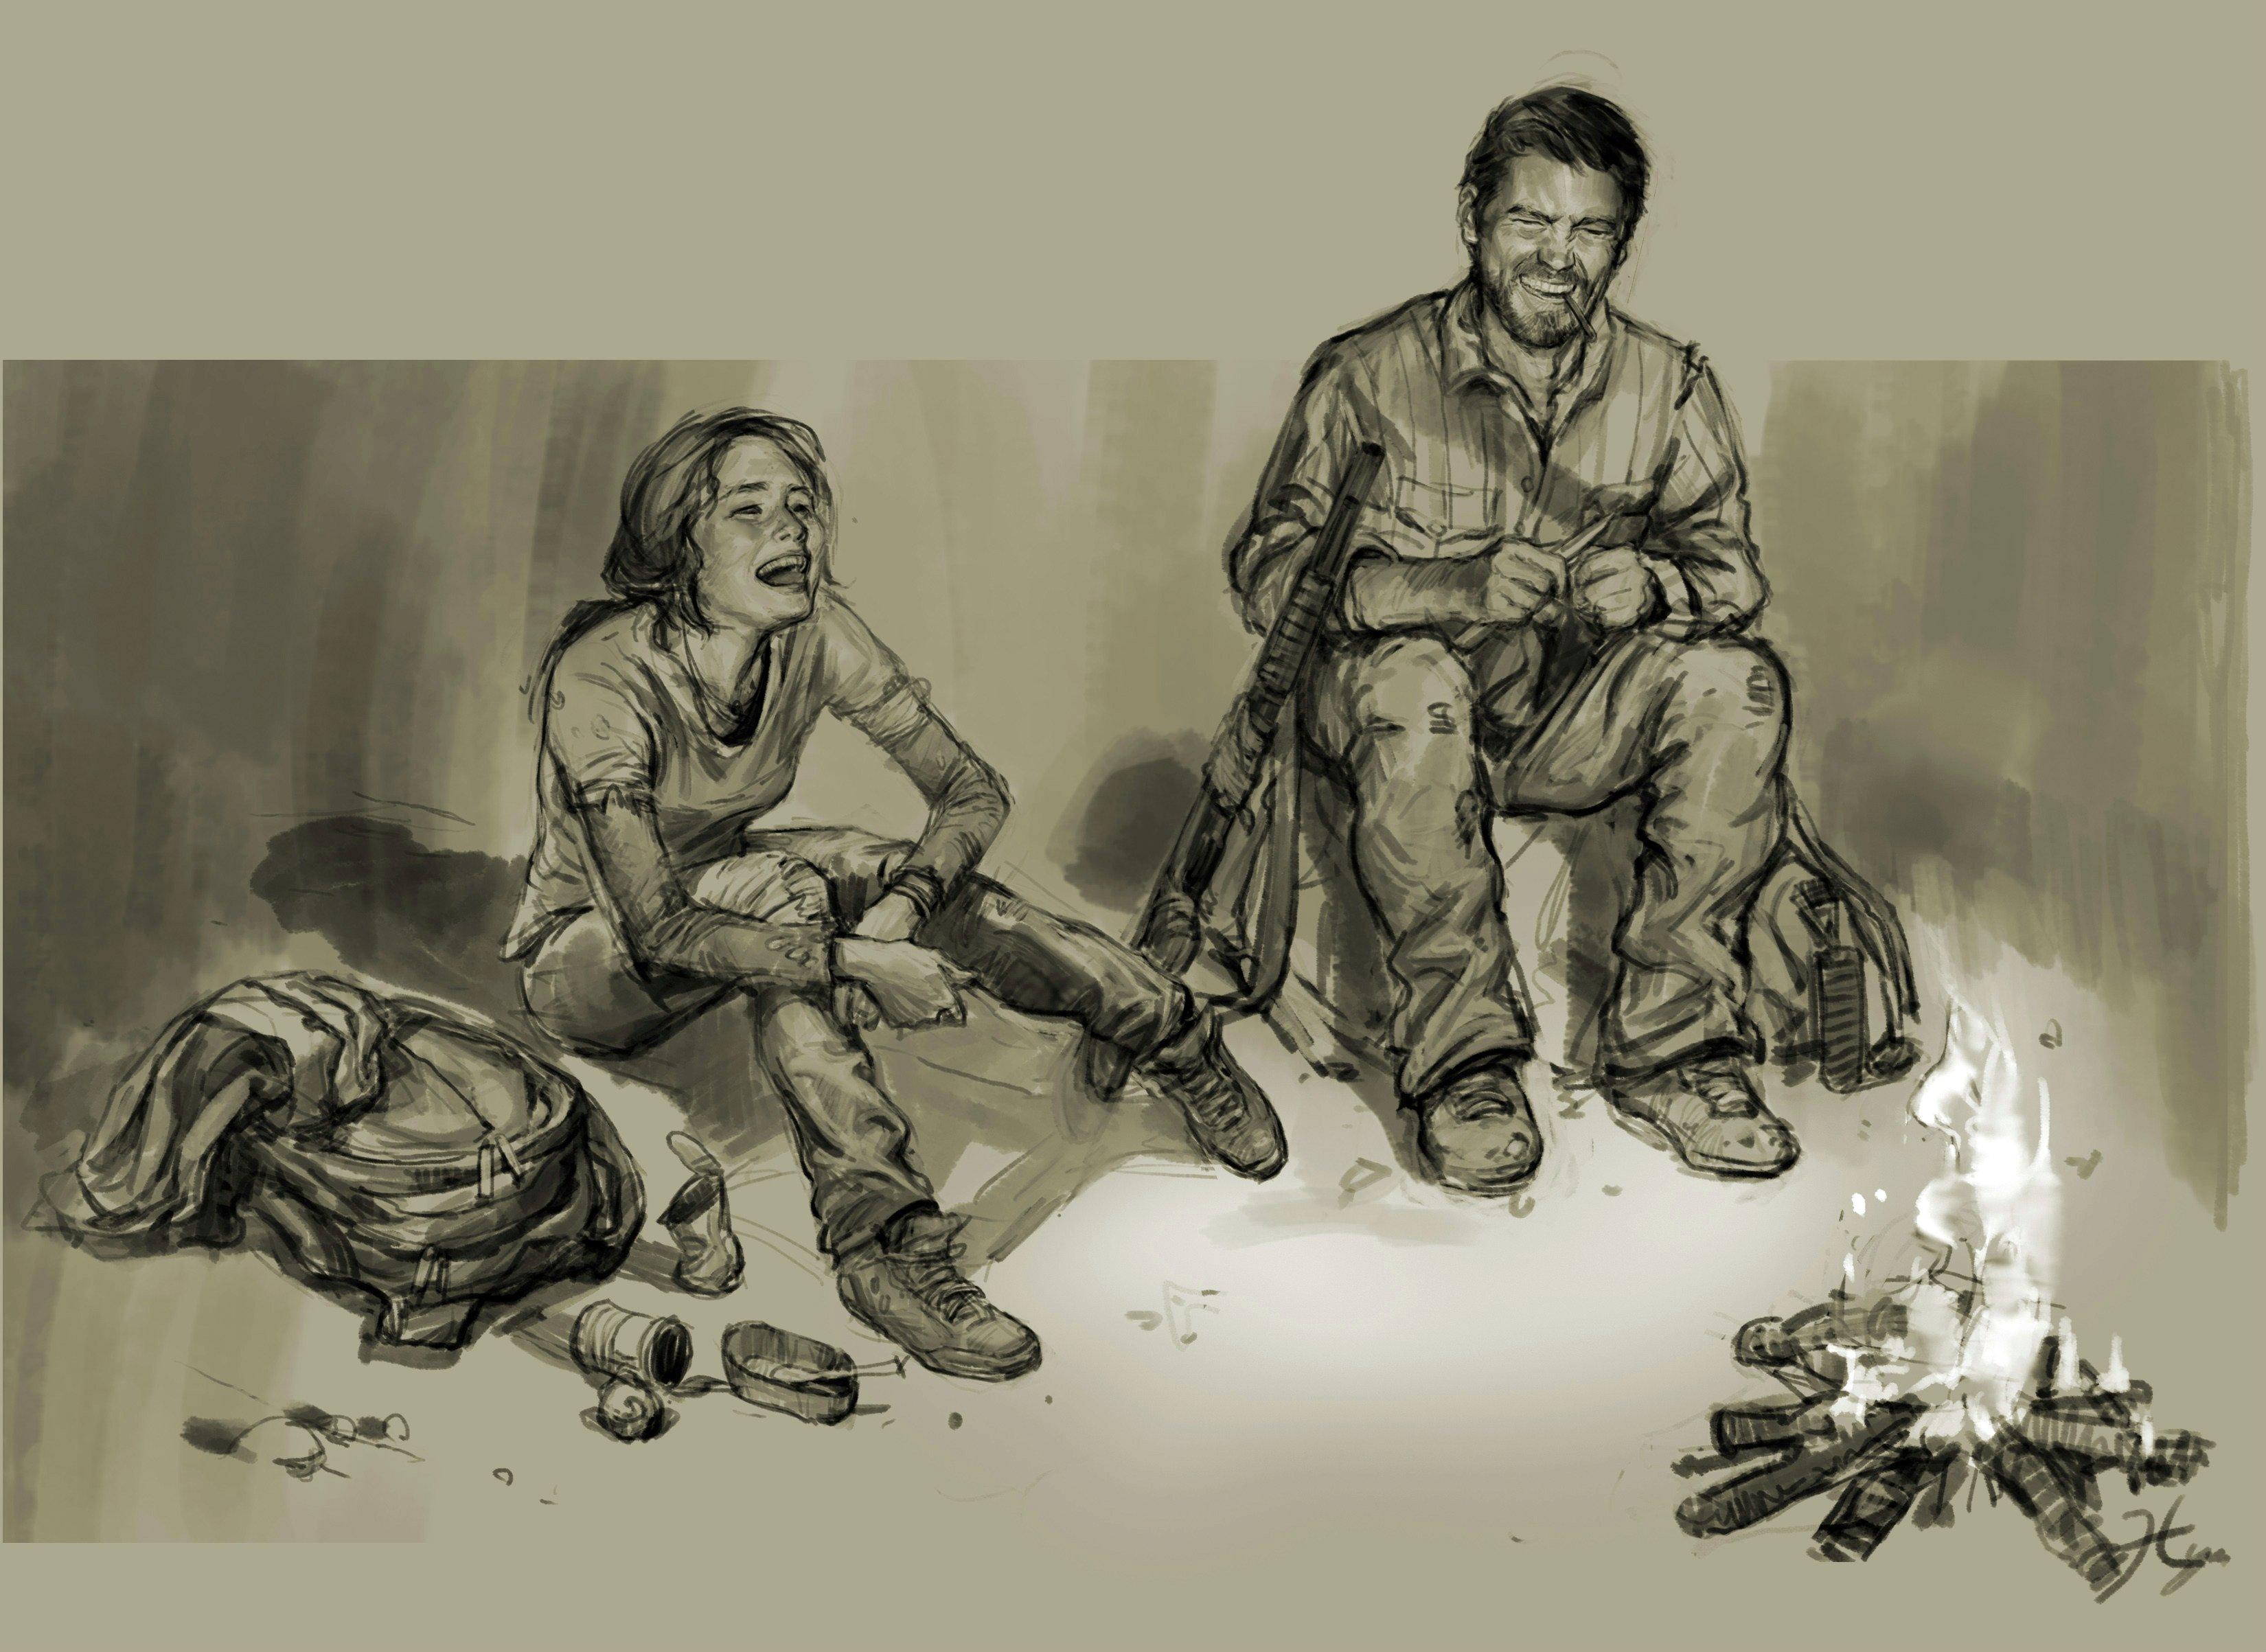 После прохождения сингла Одни из нас / The Last of Us решил поиграть в мультик, но оказалось что в ПСН'е плановые р ... - Изображение 1